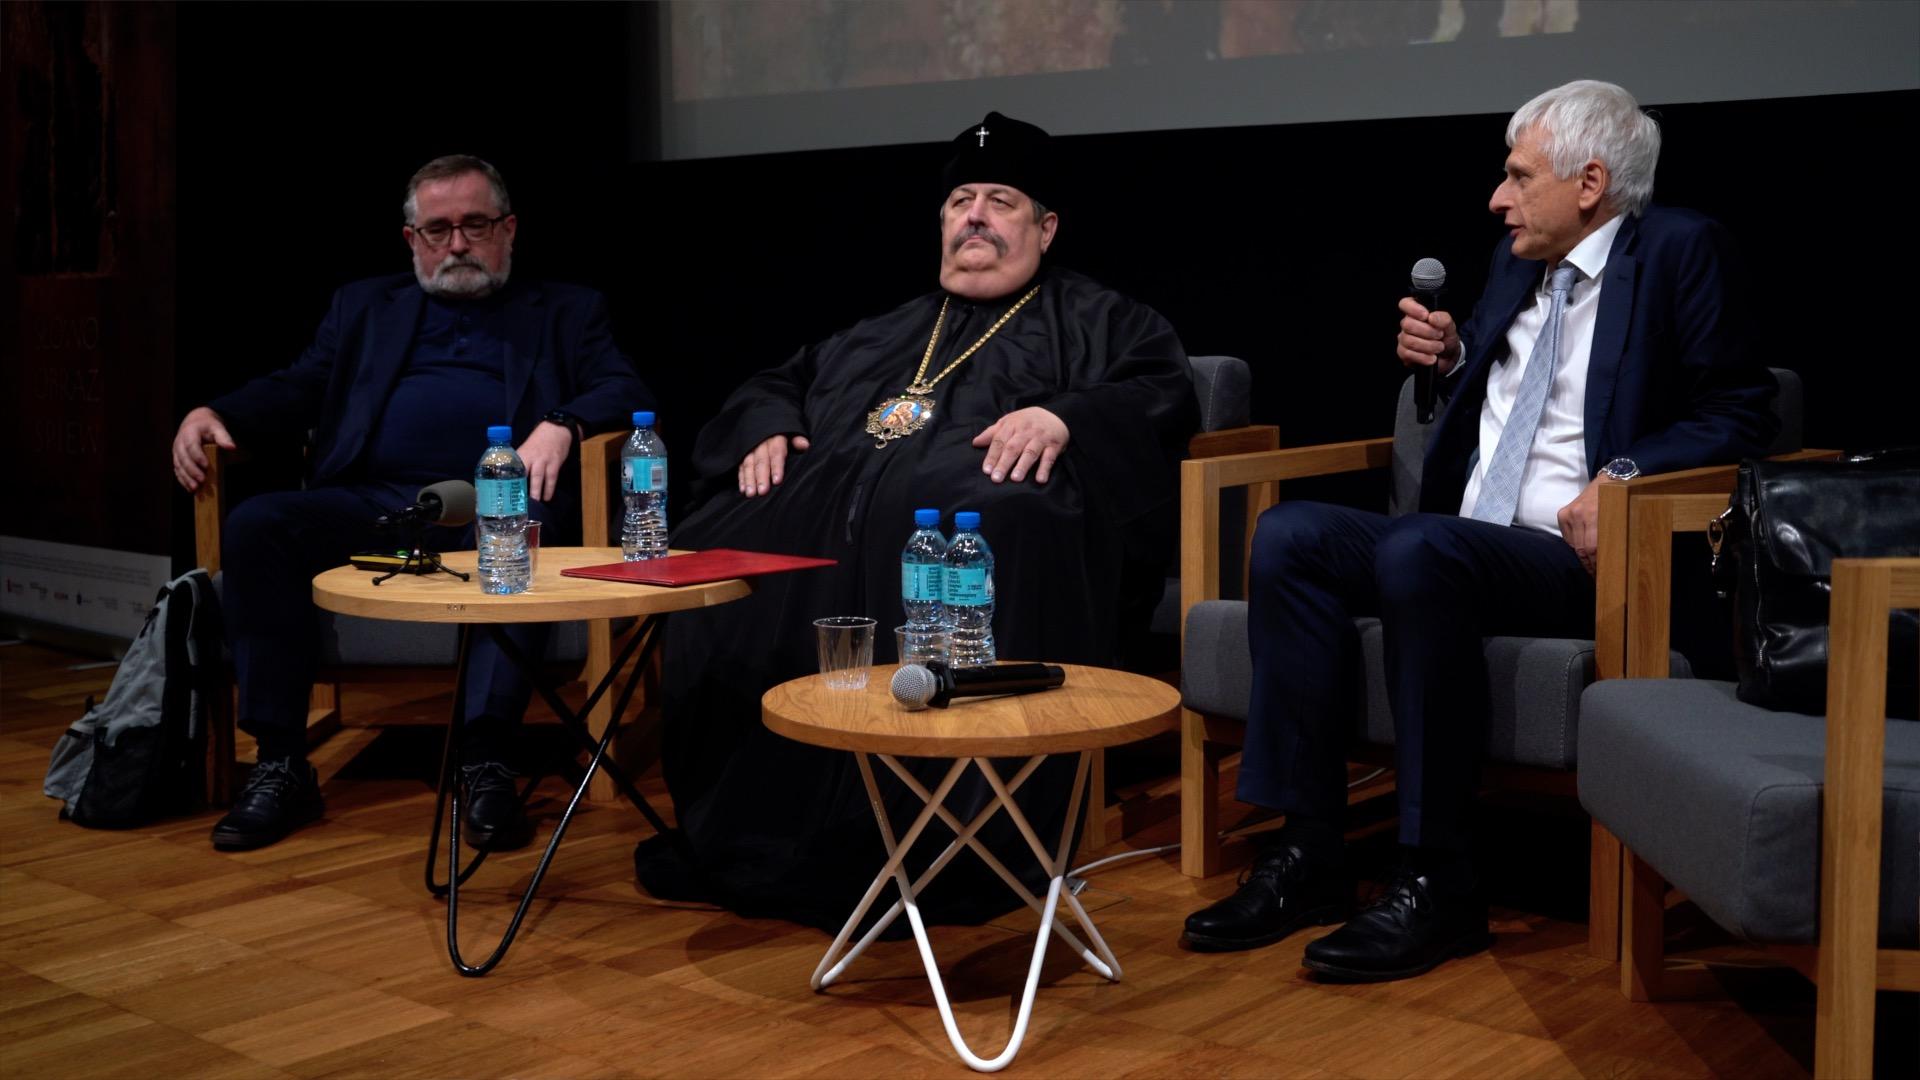 Dyskusję w czasie konferencję moderował prof. dr hab. Krzysztof Leśniewski